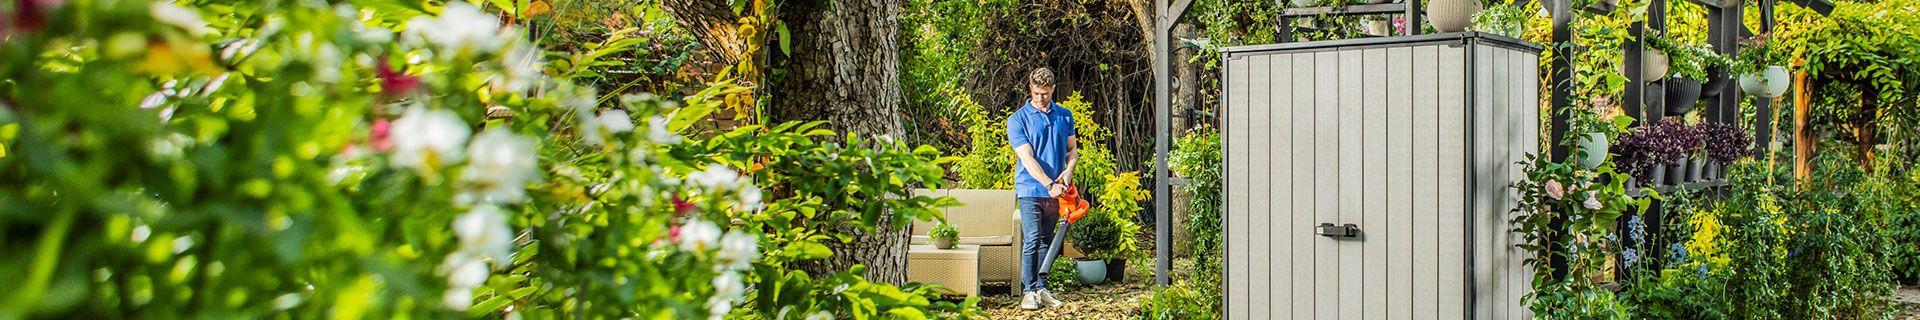 Man using leaf blower.